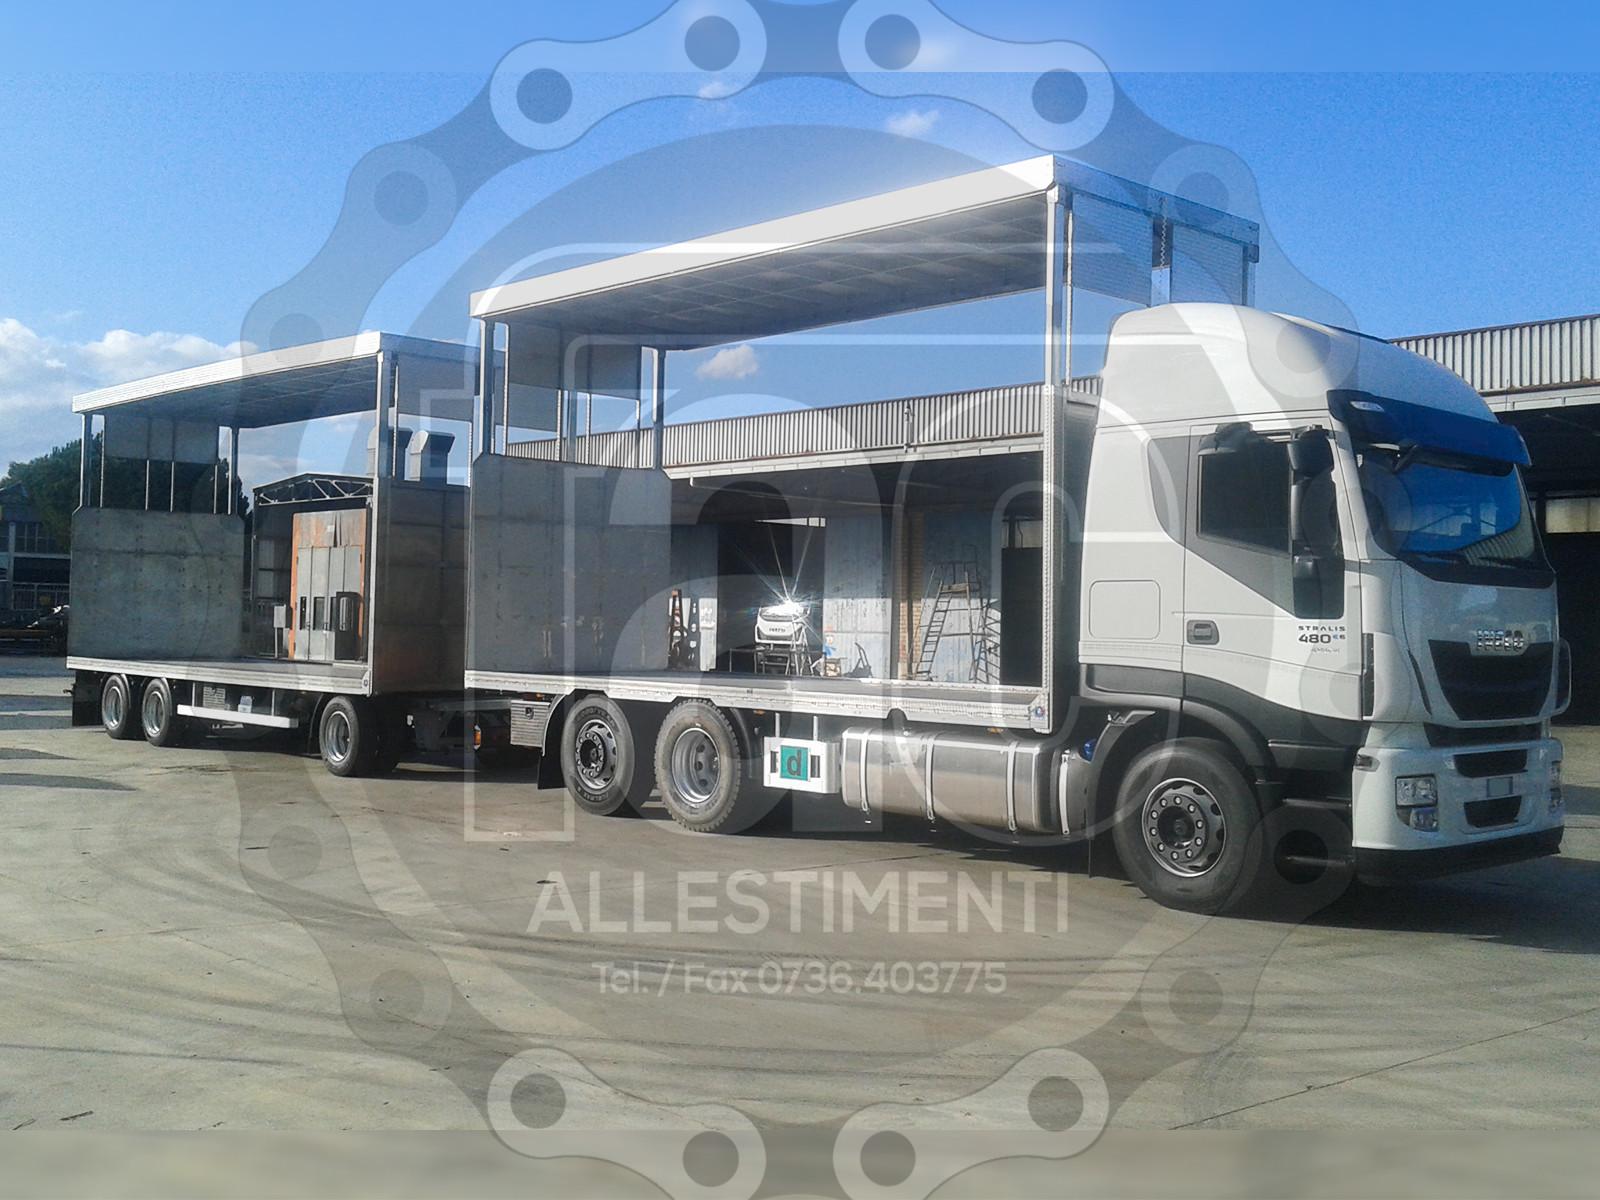 Realizzazione di camion per trasporto animali vivi 11